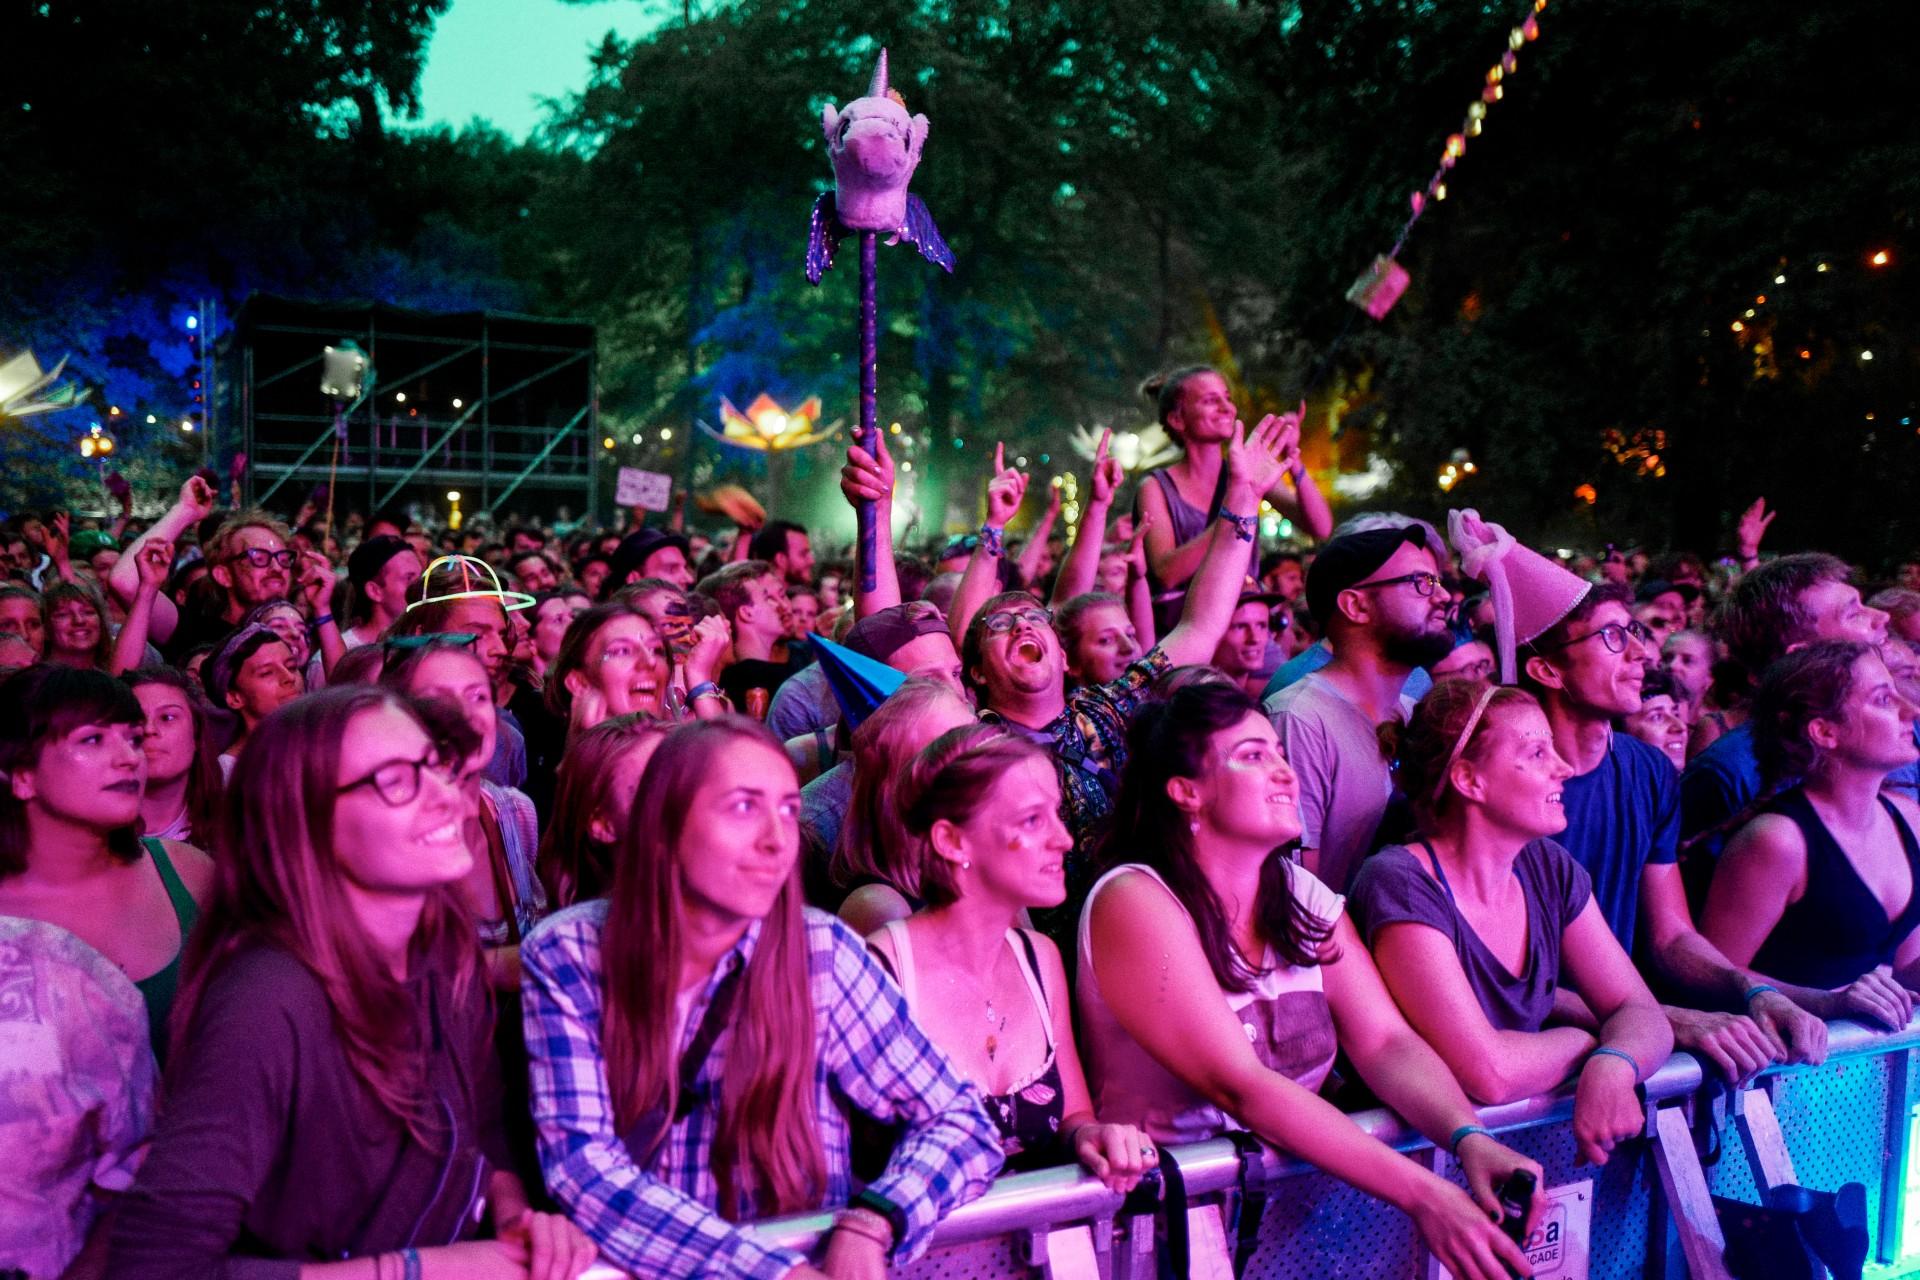 Crowd auf dem Appletree Garden Festival